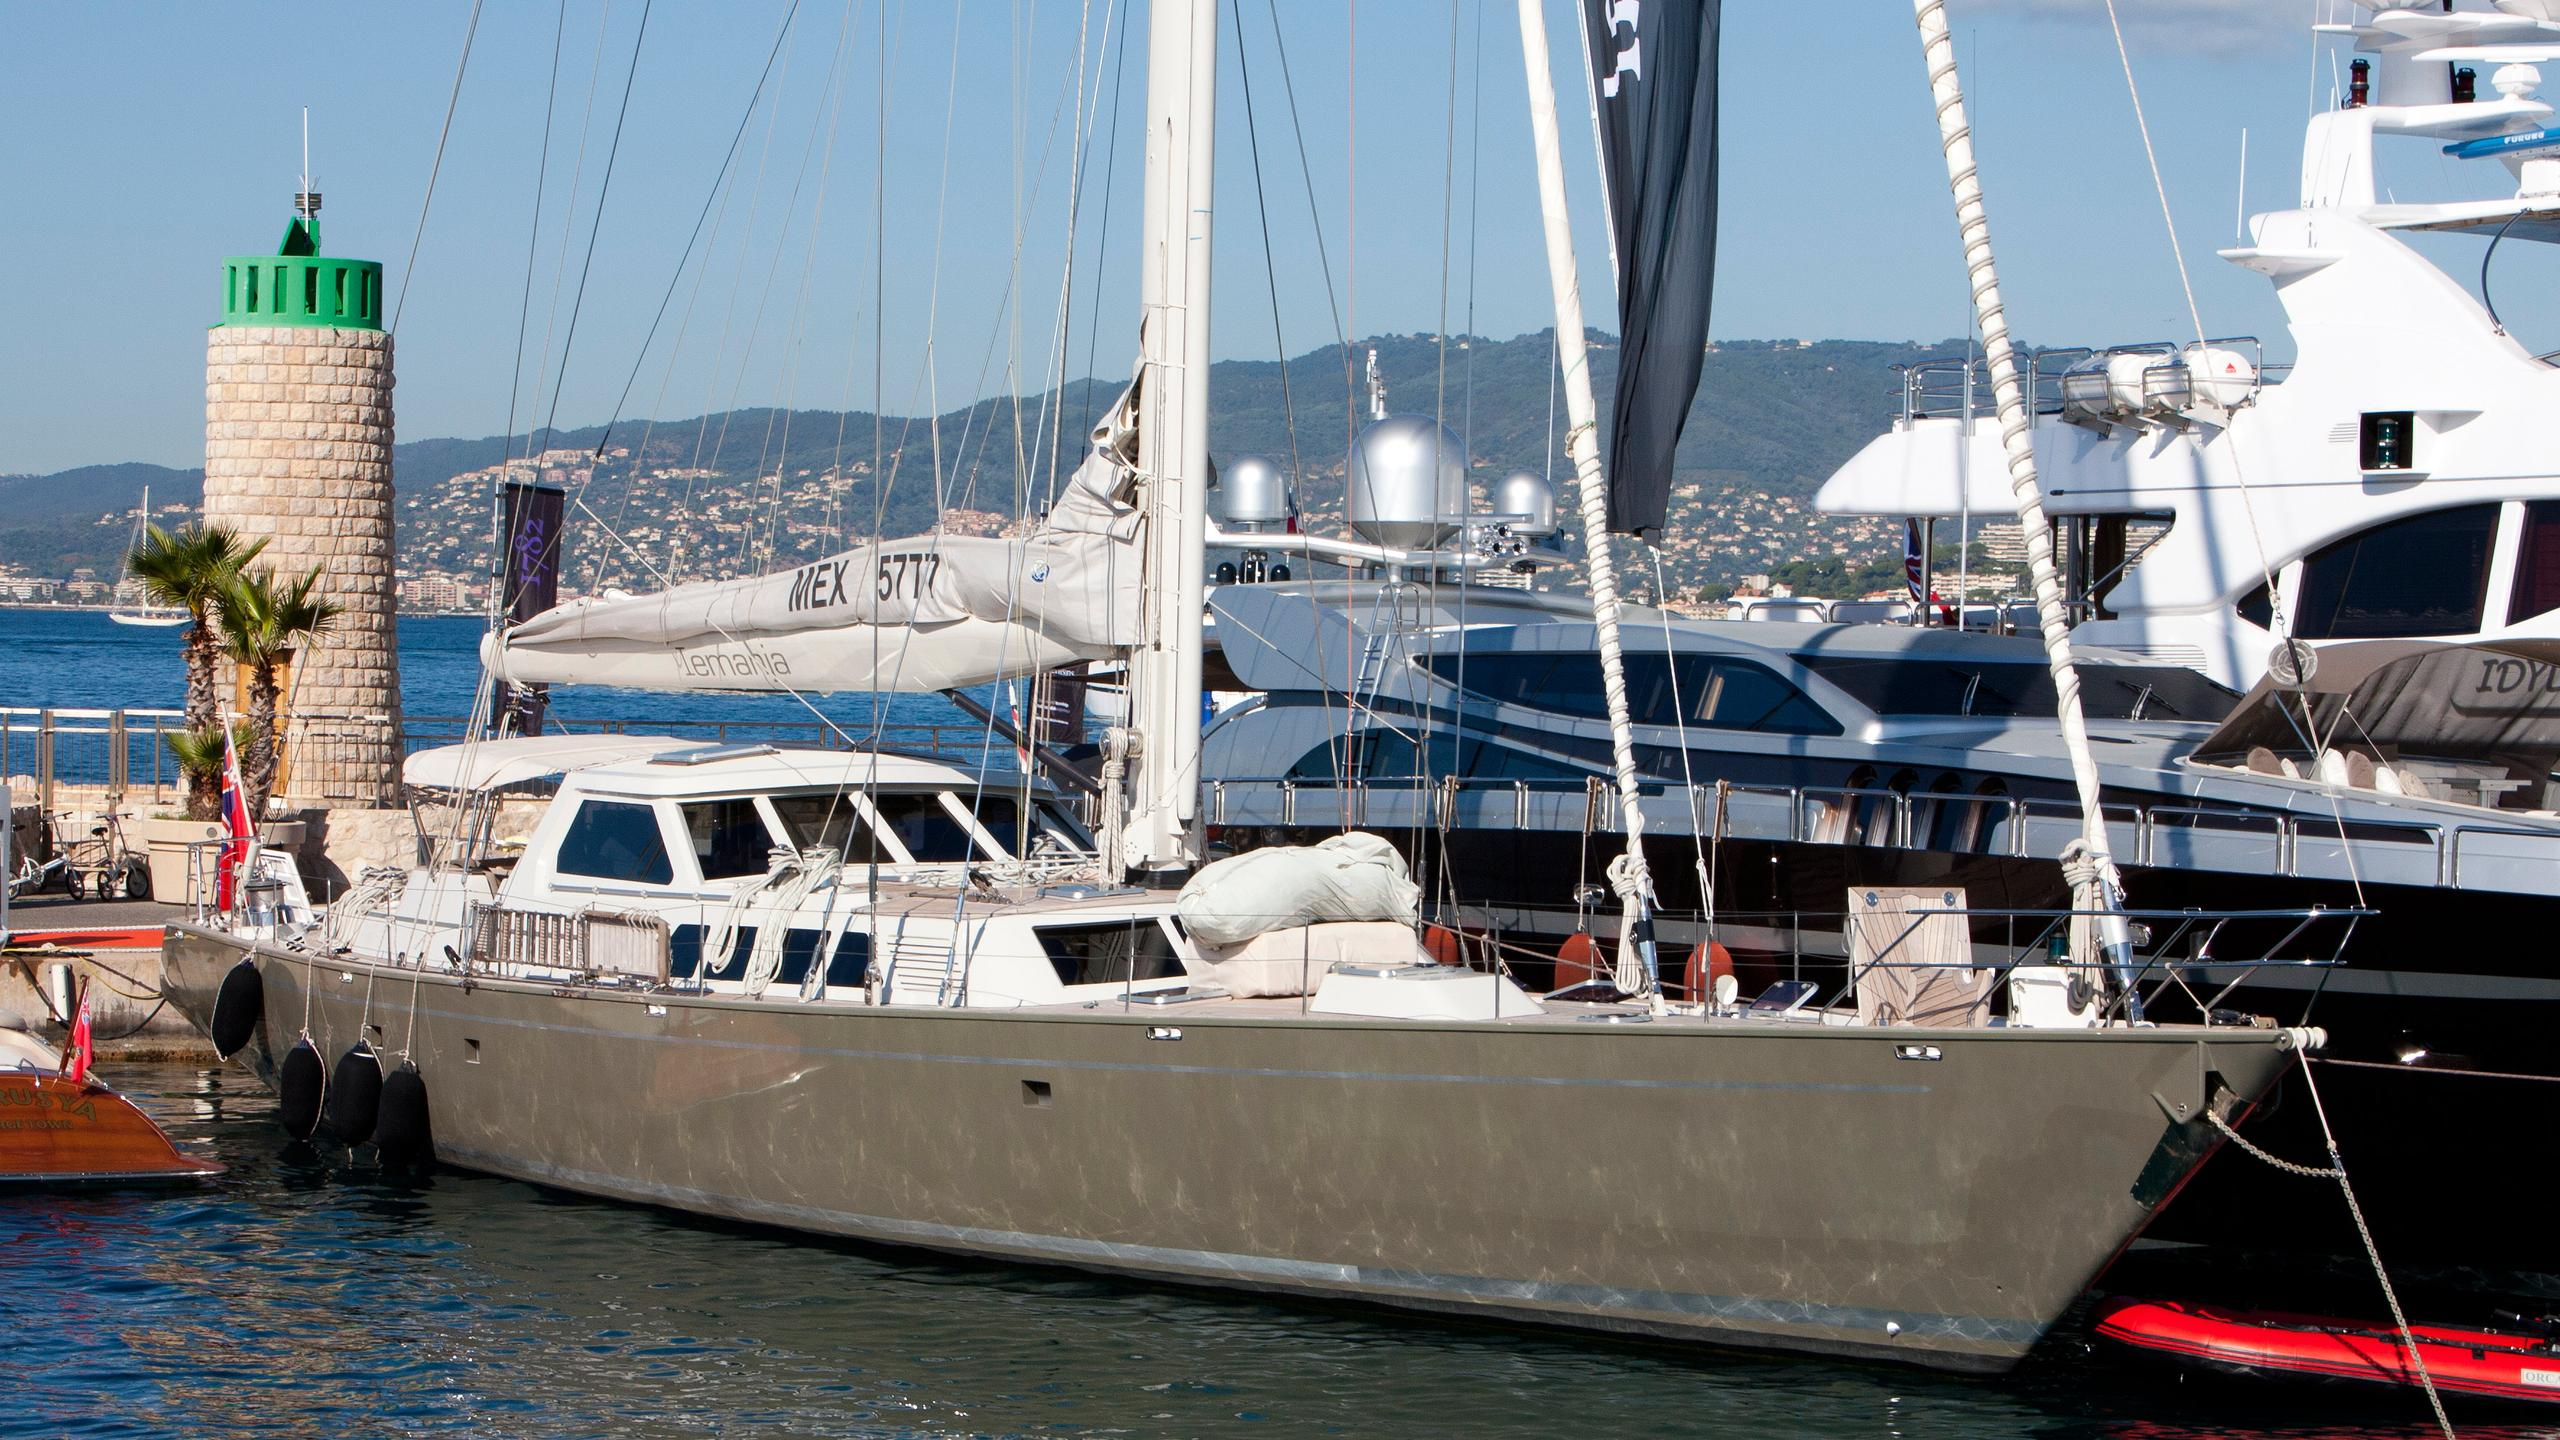 iemanja-v-sailing-yacht-biot-1988-32m-bow-moored